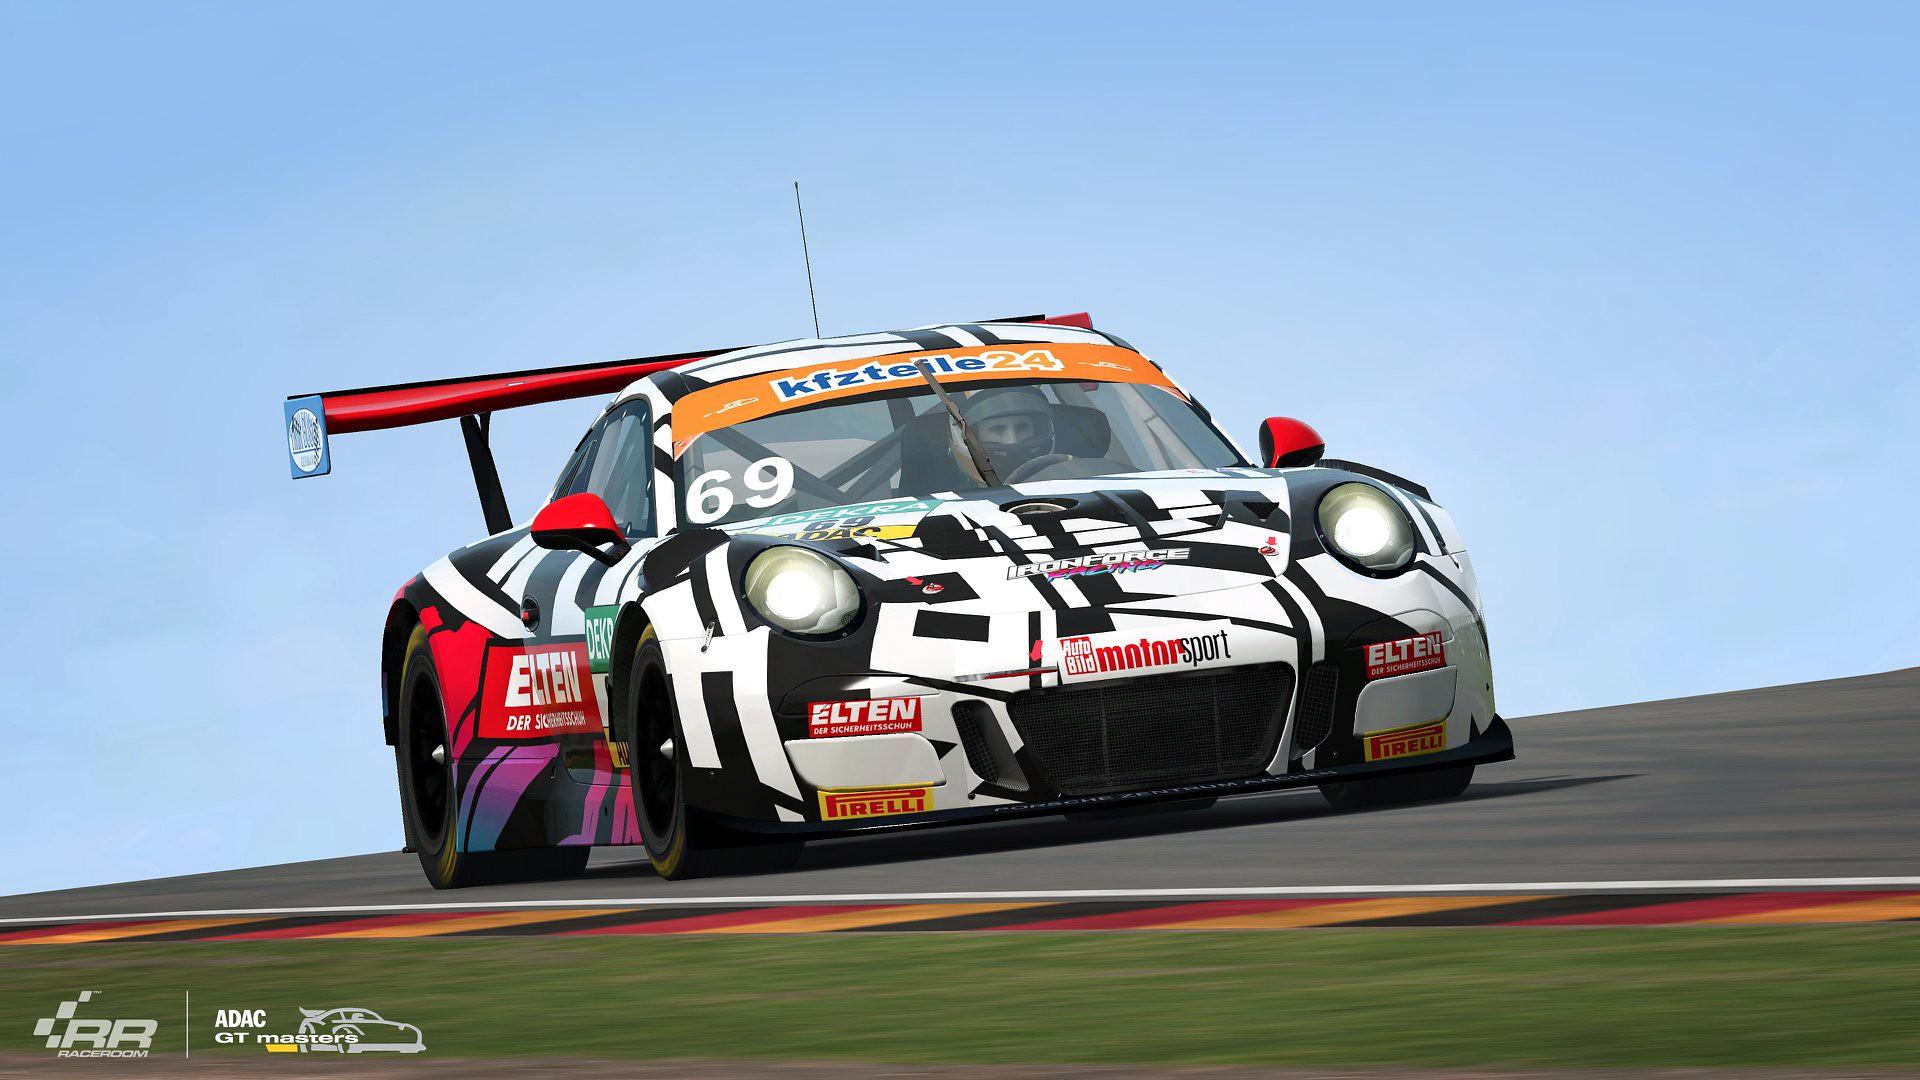 RaceRoom ADAC GT Masters 2018 Porsche 3